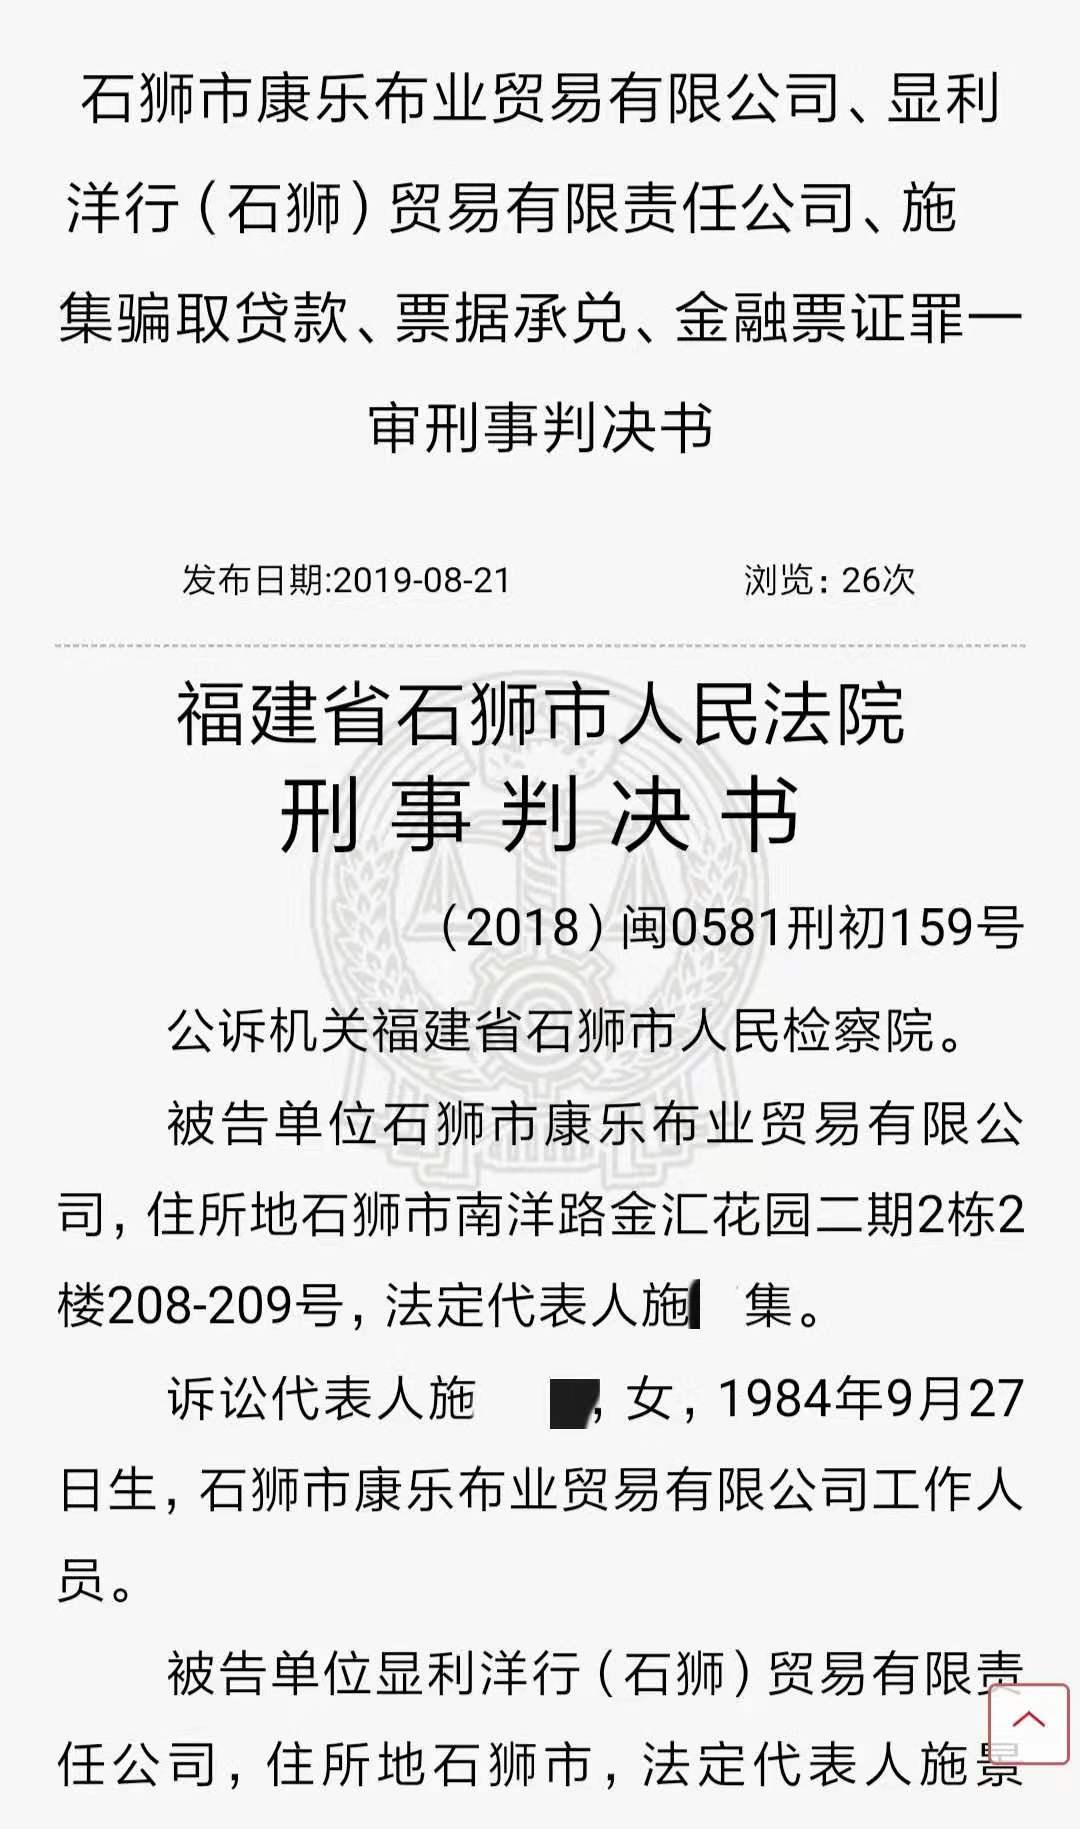 http://www.rhwub.club/caijingjingji/1635345.html